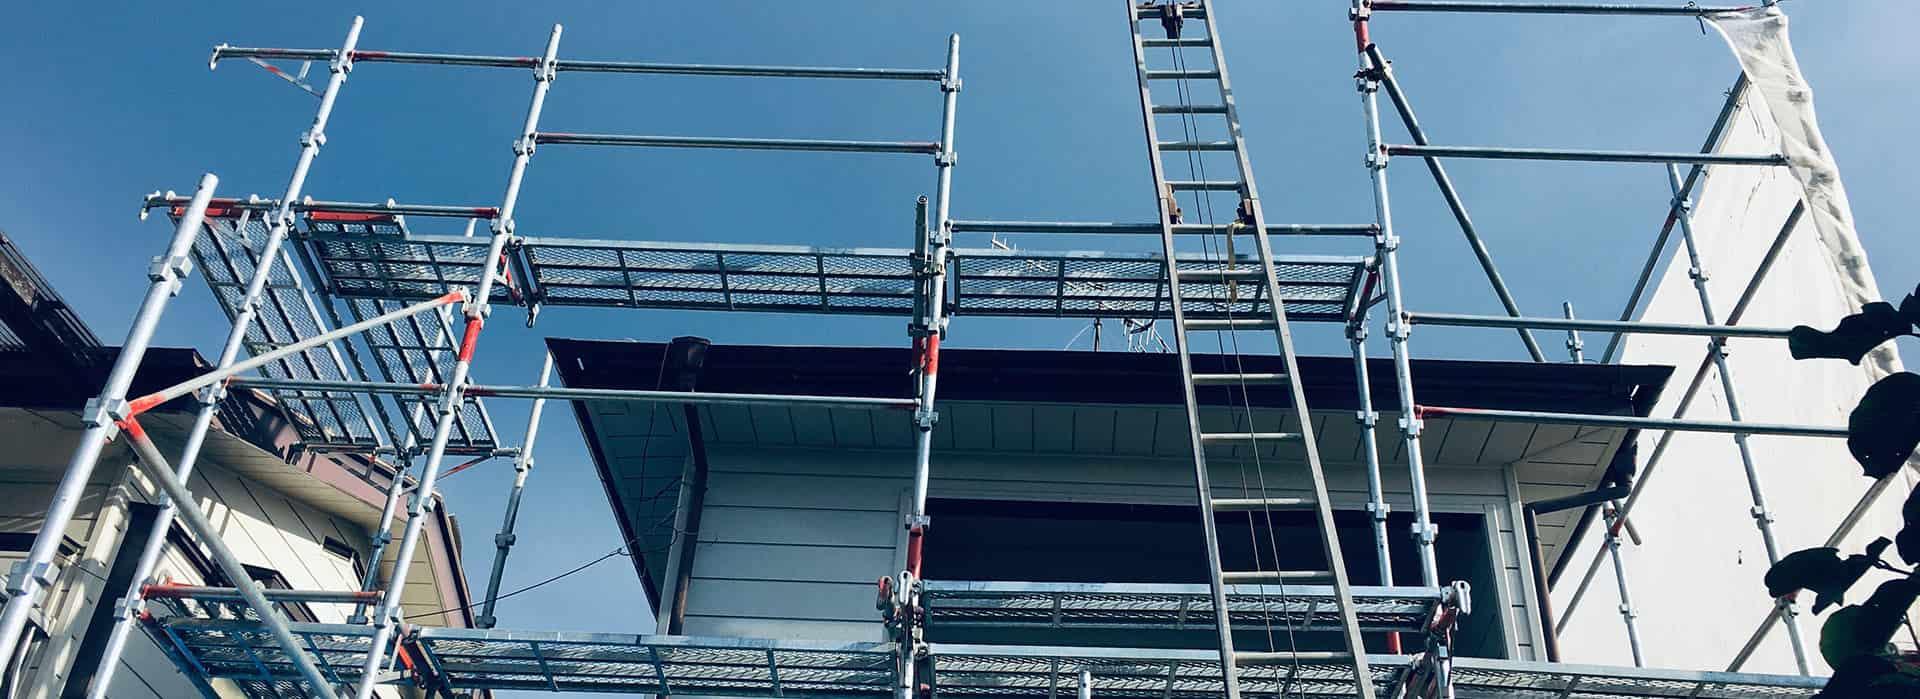 京都の屋根修理業者 山口板金が教える、皆様に知っておきたい屋根修理の豆知識